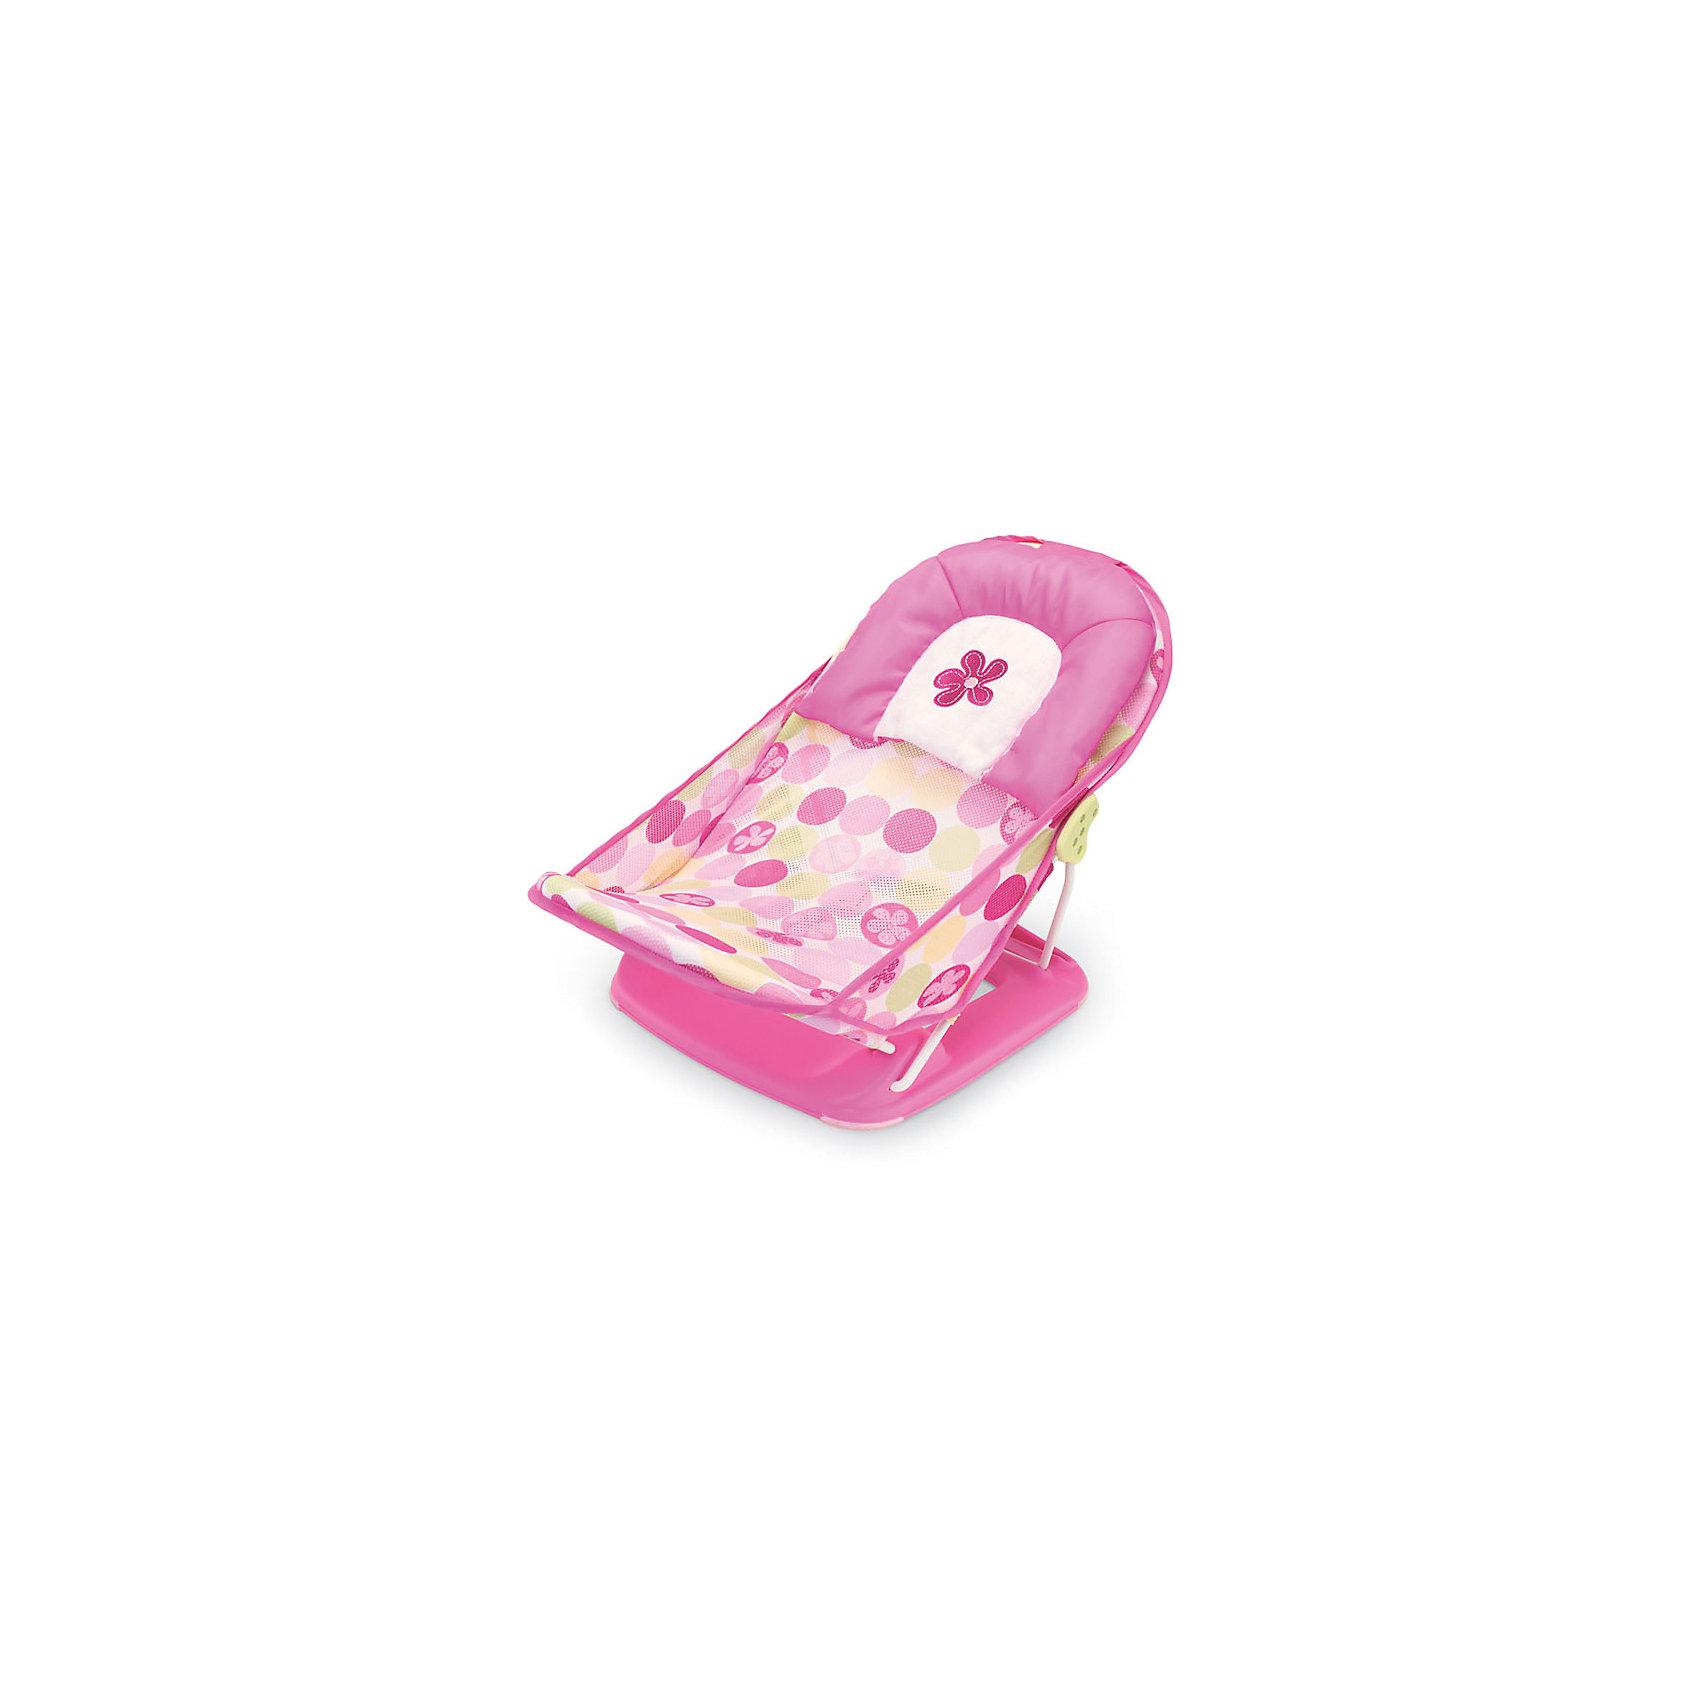 Лежак для купания Deluxe Baby Bather, Summer Infant, розовыйВанны, горки, сиденья<br>Лежак для купания в ванну Deluxe Baby Bather имеет мягкий подголовник, обеспечивающий поддержку малышу во время купания. Спинка имеет два положения. Лежак можно установить как в ванне, так и в раковине. Он прост в применении и удобен для хранения. Изготовлен из высококачественных материалов безопасных для детей. <br><br>Дополнительная информация:<br><br>- Материал: пластик, текстиль.<br>- 2 положения наклона спинки.<br>- Возможность установки в ванне или раковине.<br>- Размер упаковки: 90х40х25 см.<br>- Максимальная нагрузка: 9 кг.<br>- Цвет: розовый.<br><br>Лежак  для купания Deluxe Baby Bather,  Summer Infant,  розовый, можно купить в нашем магазине.<br><br>Ширина мм: 900<br>Глубина мм: 400<br>Высота мм: 250<br>Вес г: 1300<br>Возраст от месяцев: 0<br>Возраст до месяцев: 3<br>Пол: Женский<br>Возраст: Детский<br>SKU: 4047533